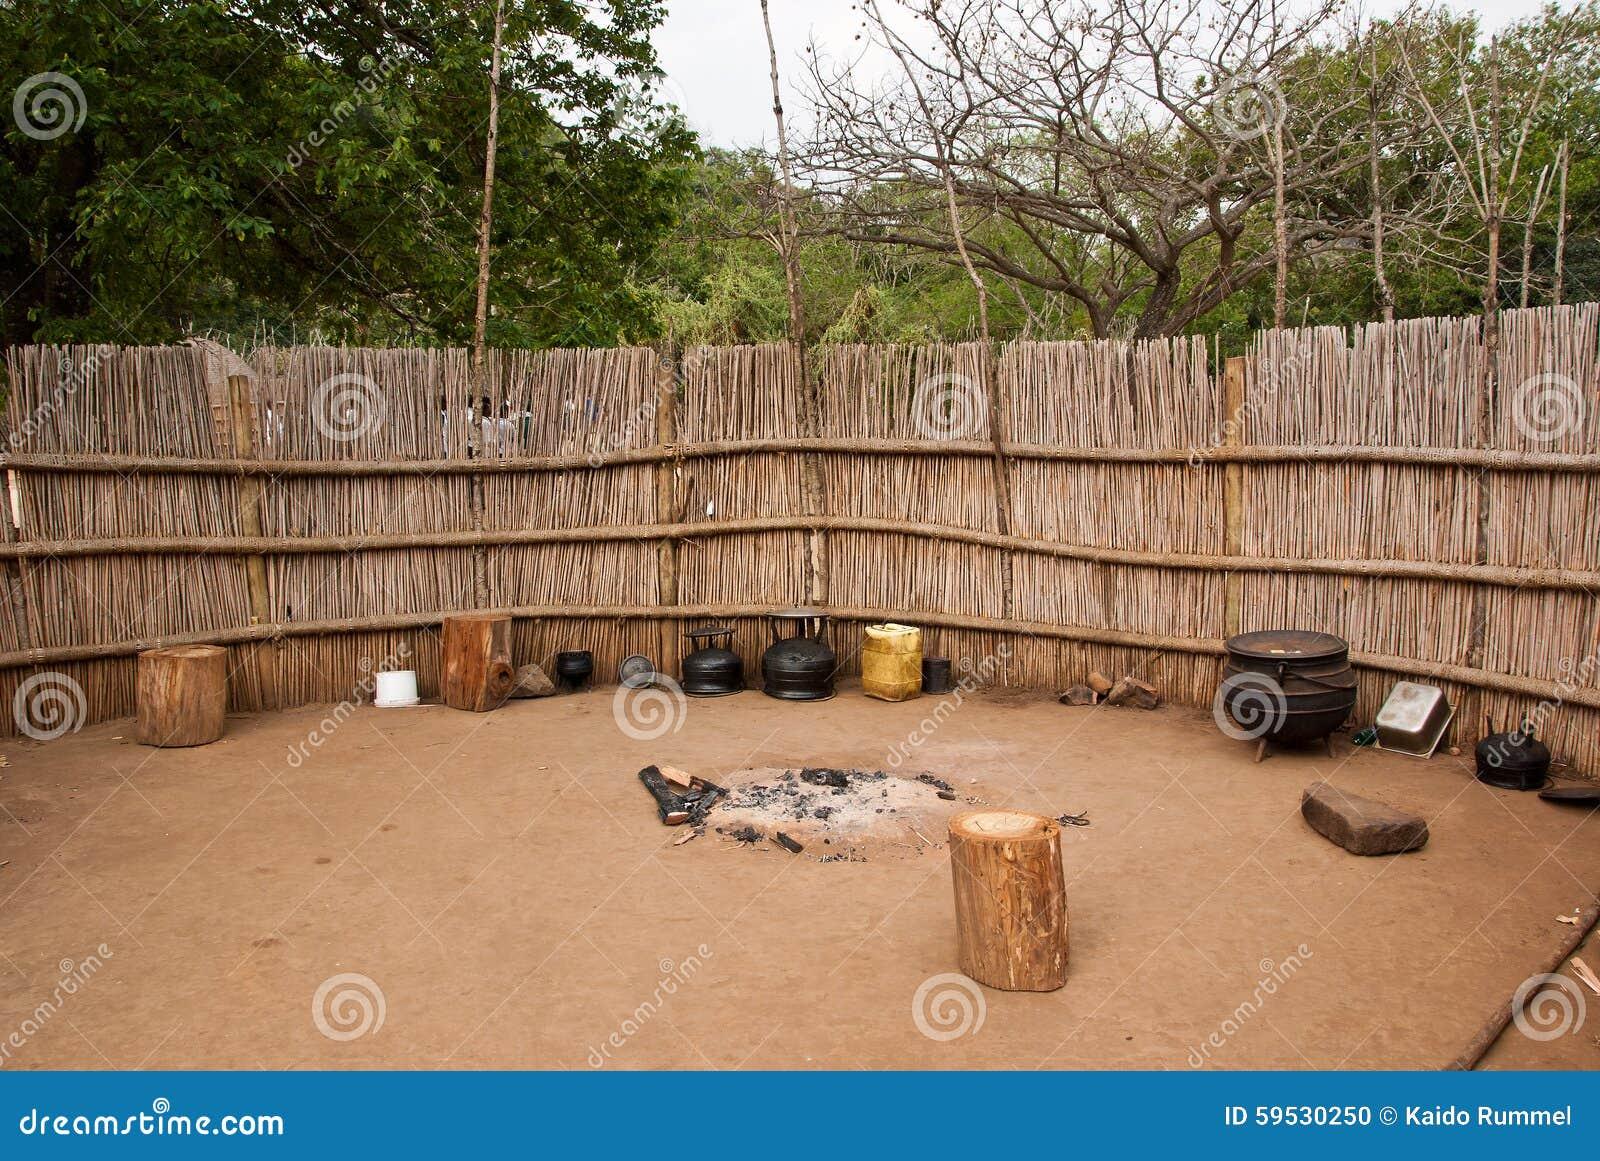 Dorfküche stockfoto. Bild von natürlichkeit, zaun, völker - 59530250